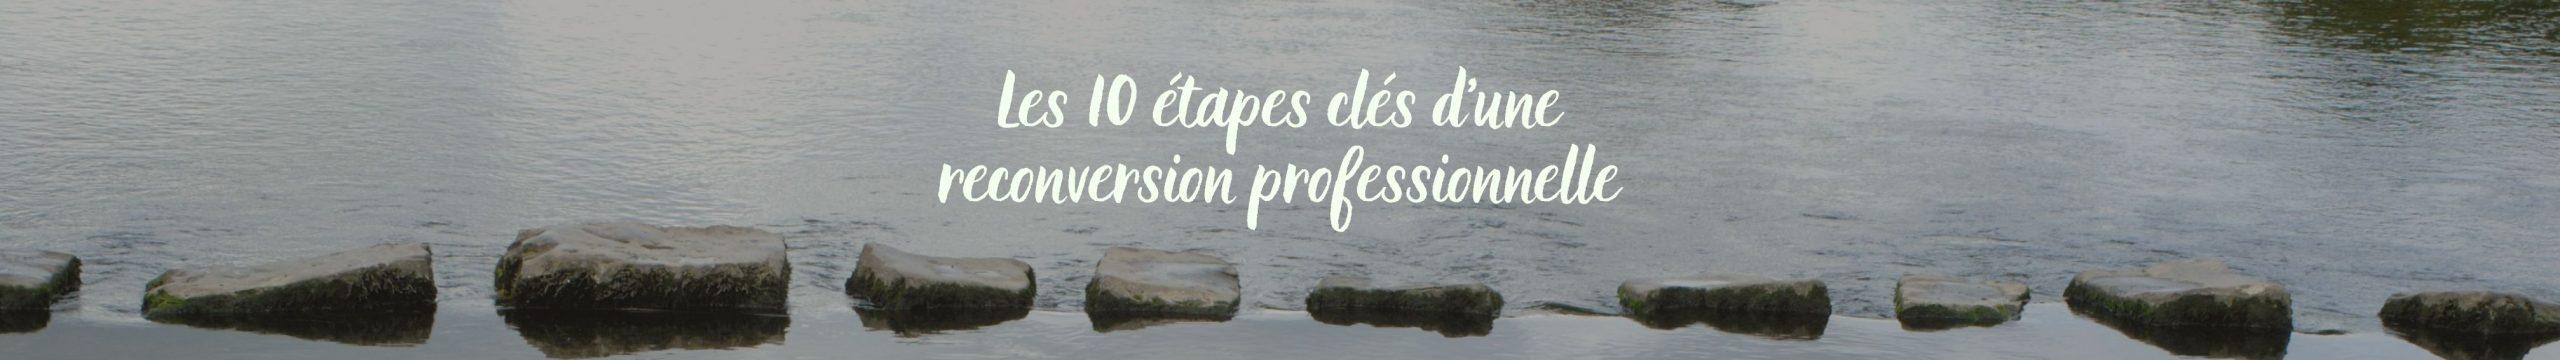 Les 10 étapes clés d'une reconversion professionnelle